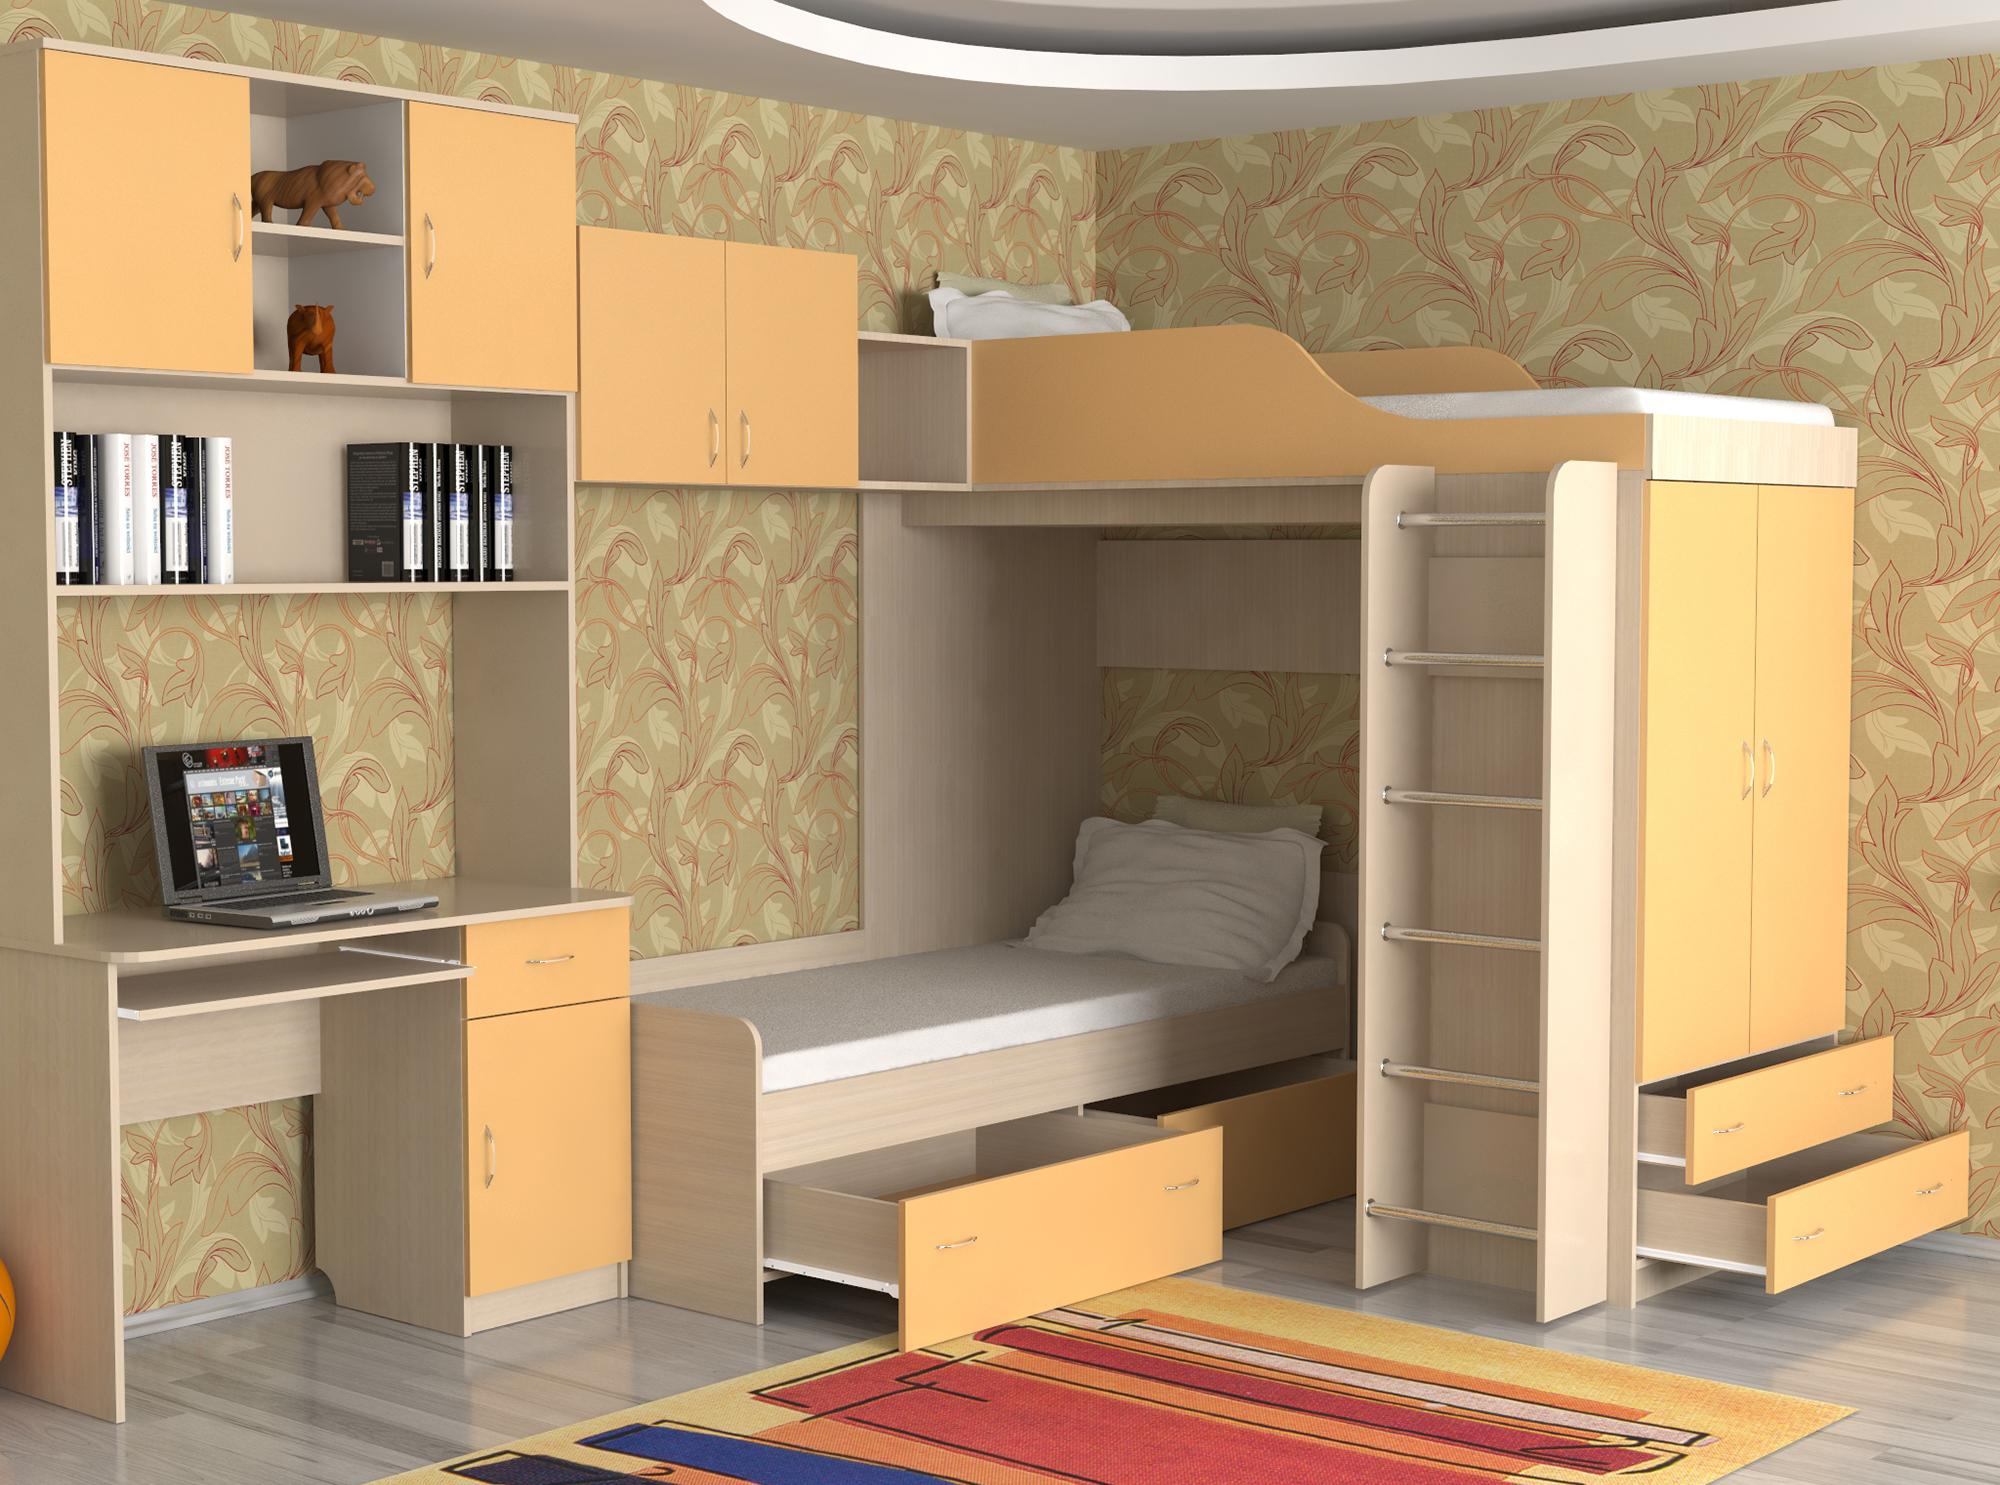 Двухъярусная кровать с диваном внизу для родителей (54 фото): варианты мебели для родителей и ребенка